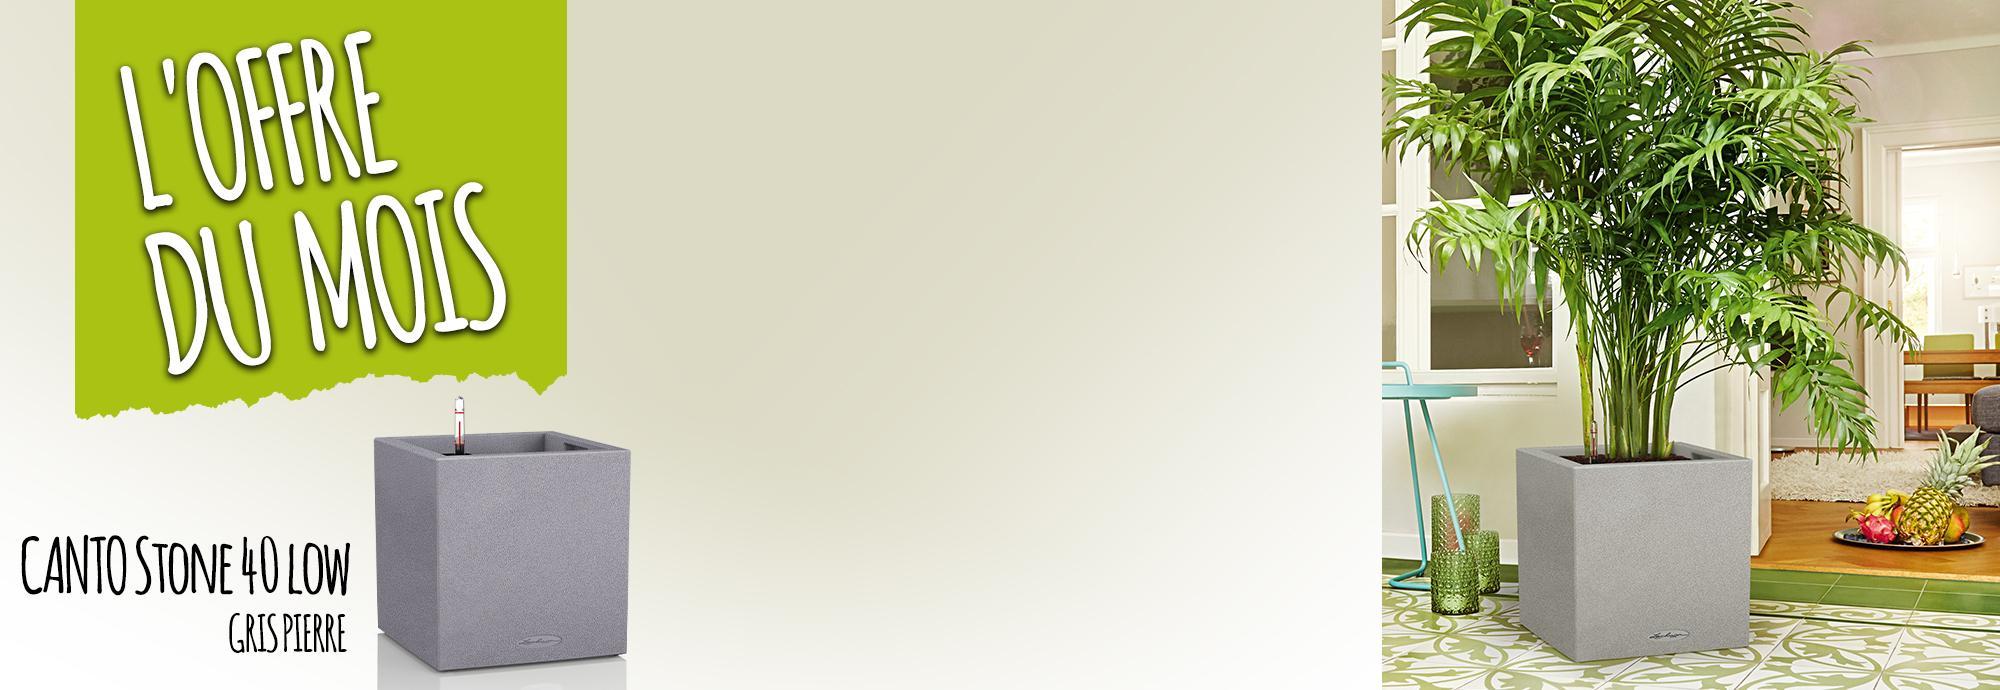 L'offre du Mois: 15% de réduction pour l'achat du CANTO Stone 40 low gris pierre